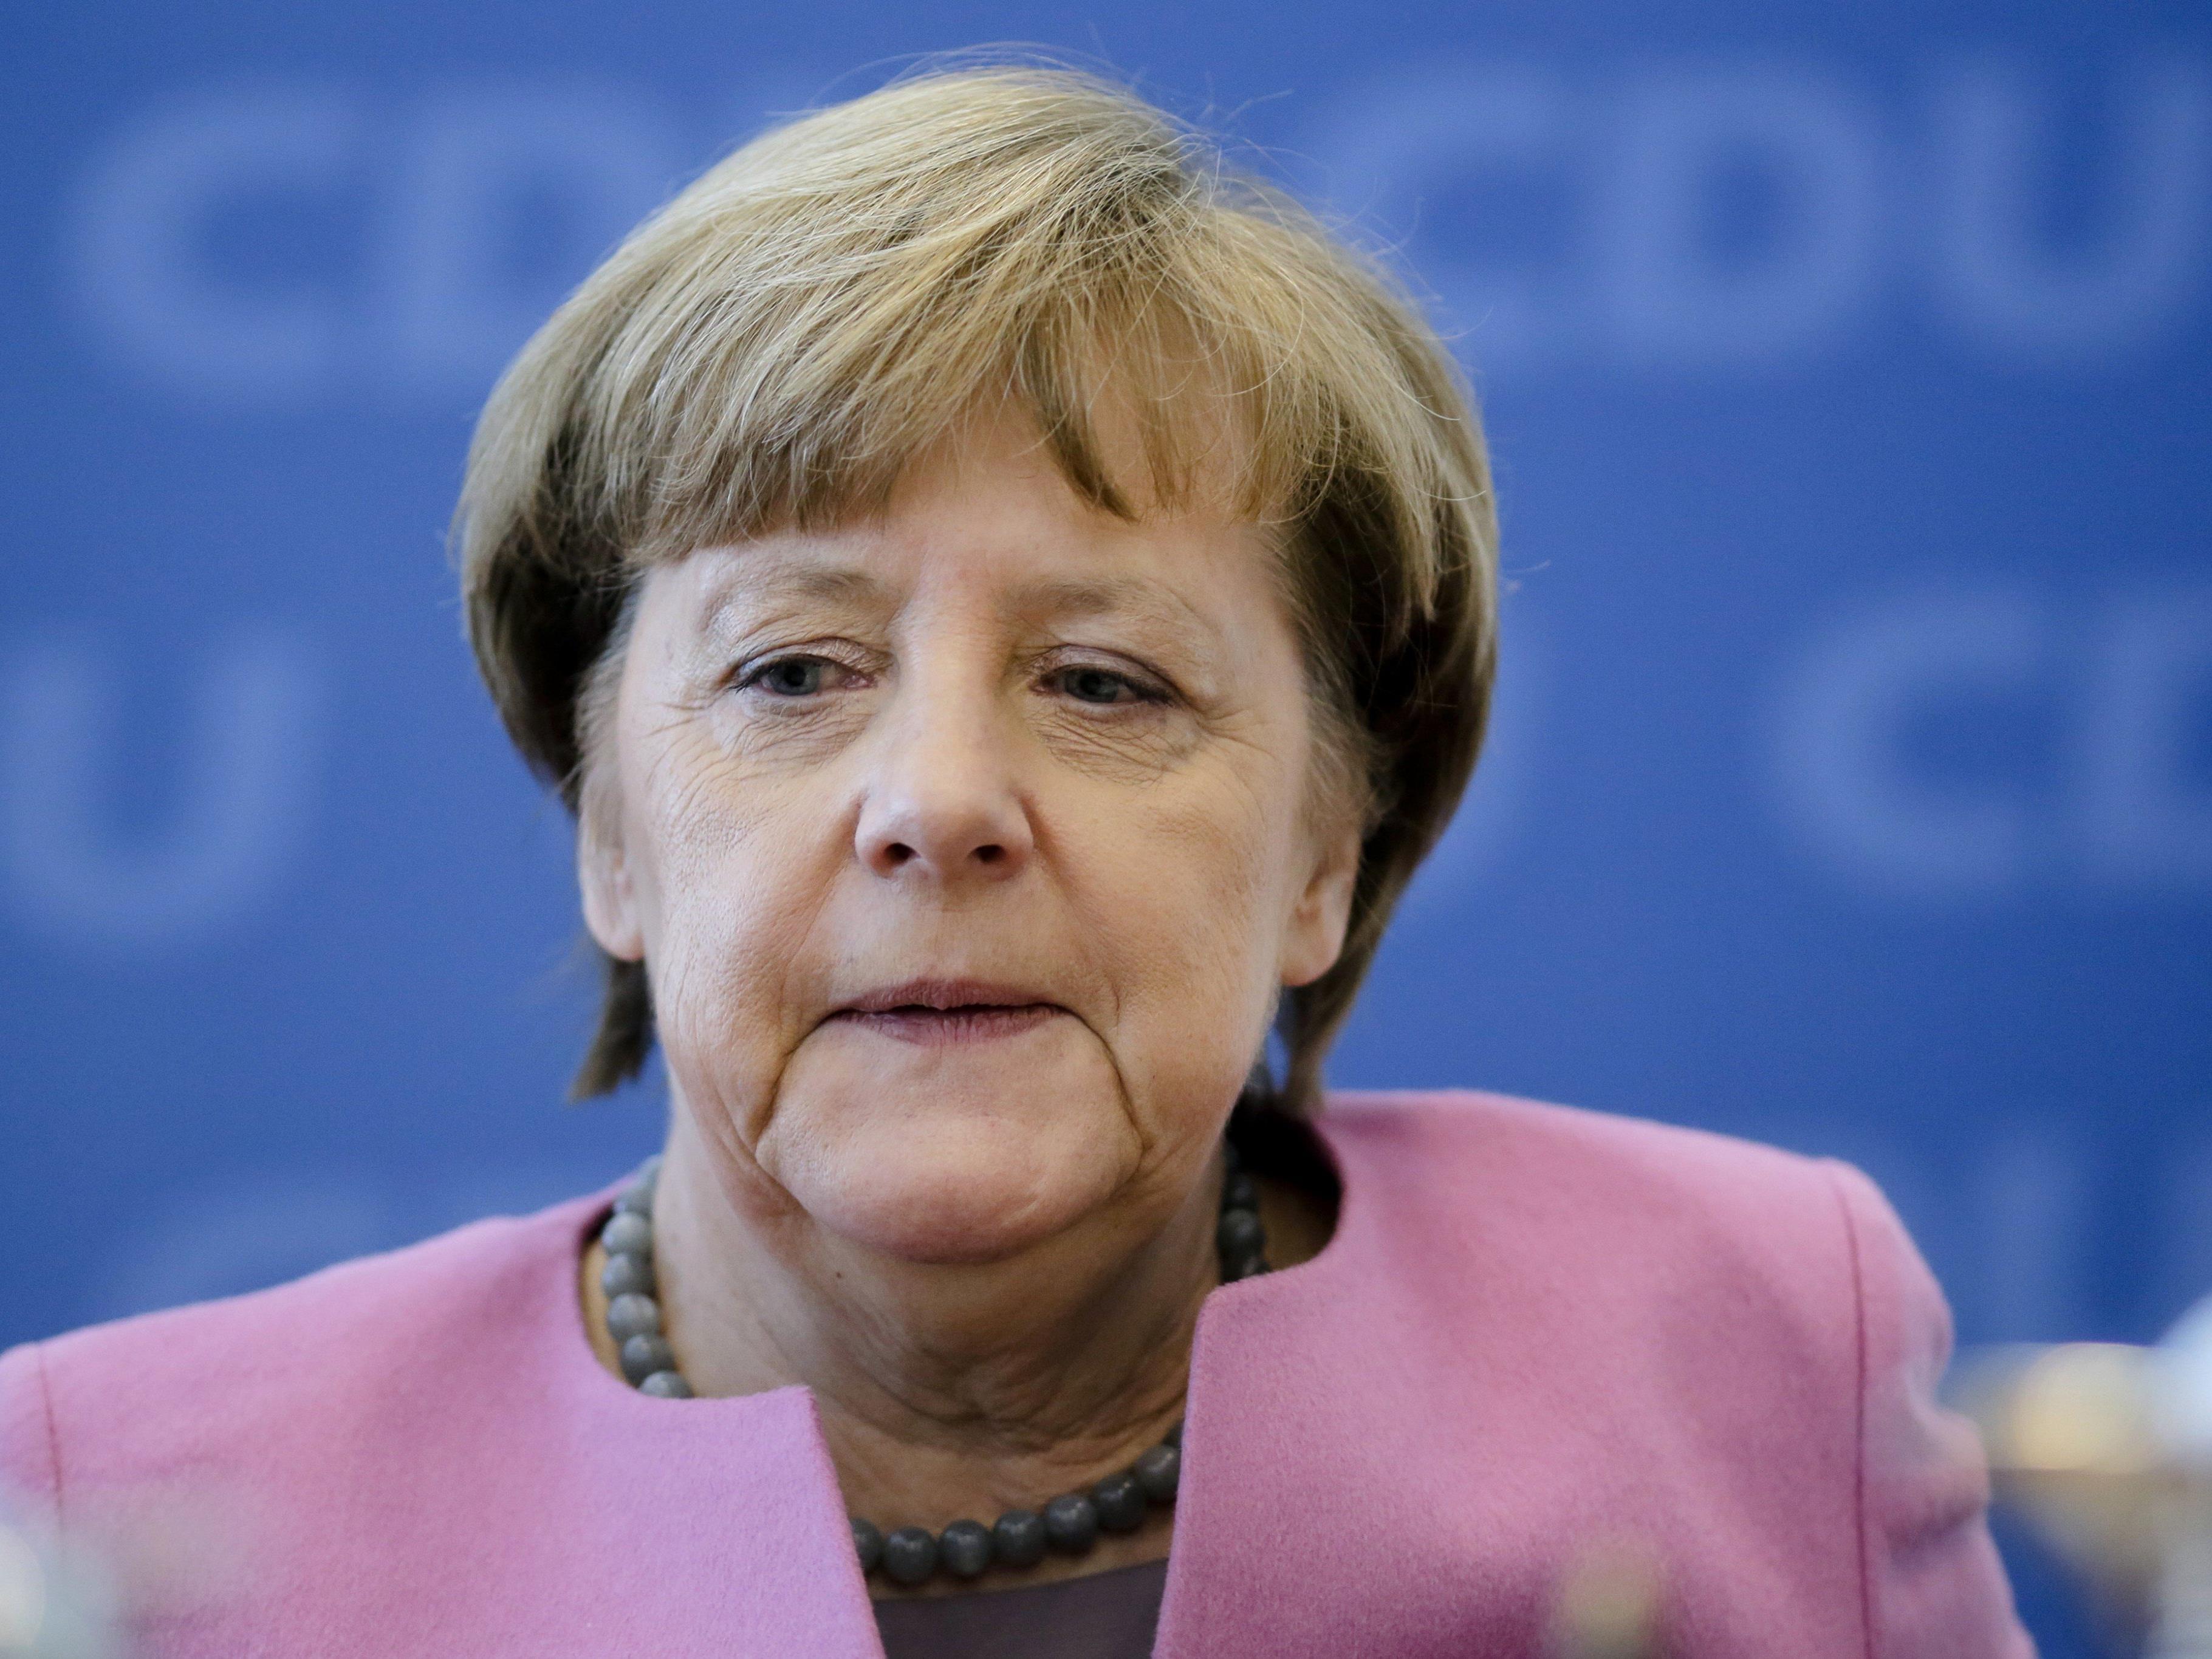 Angela Merkel ist in der Flüchtlingsfrage zunehmend isoliert - inner- wie außerhalb Deutschlands.